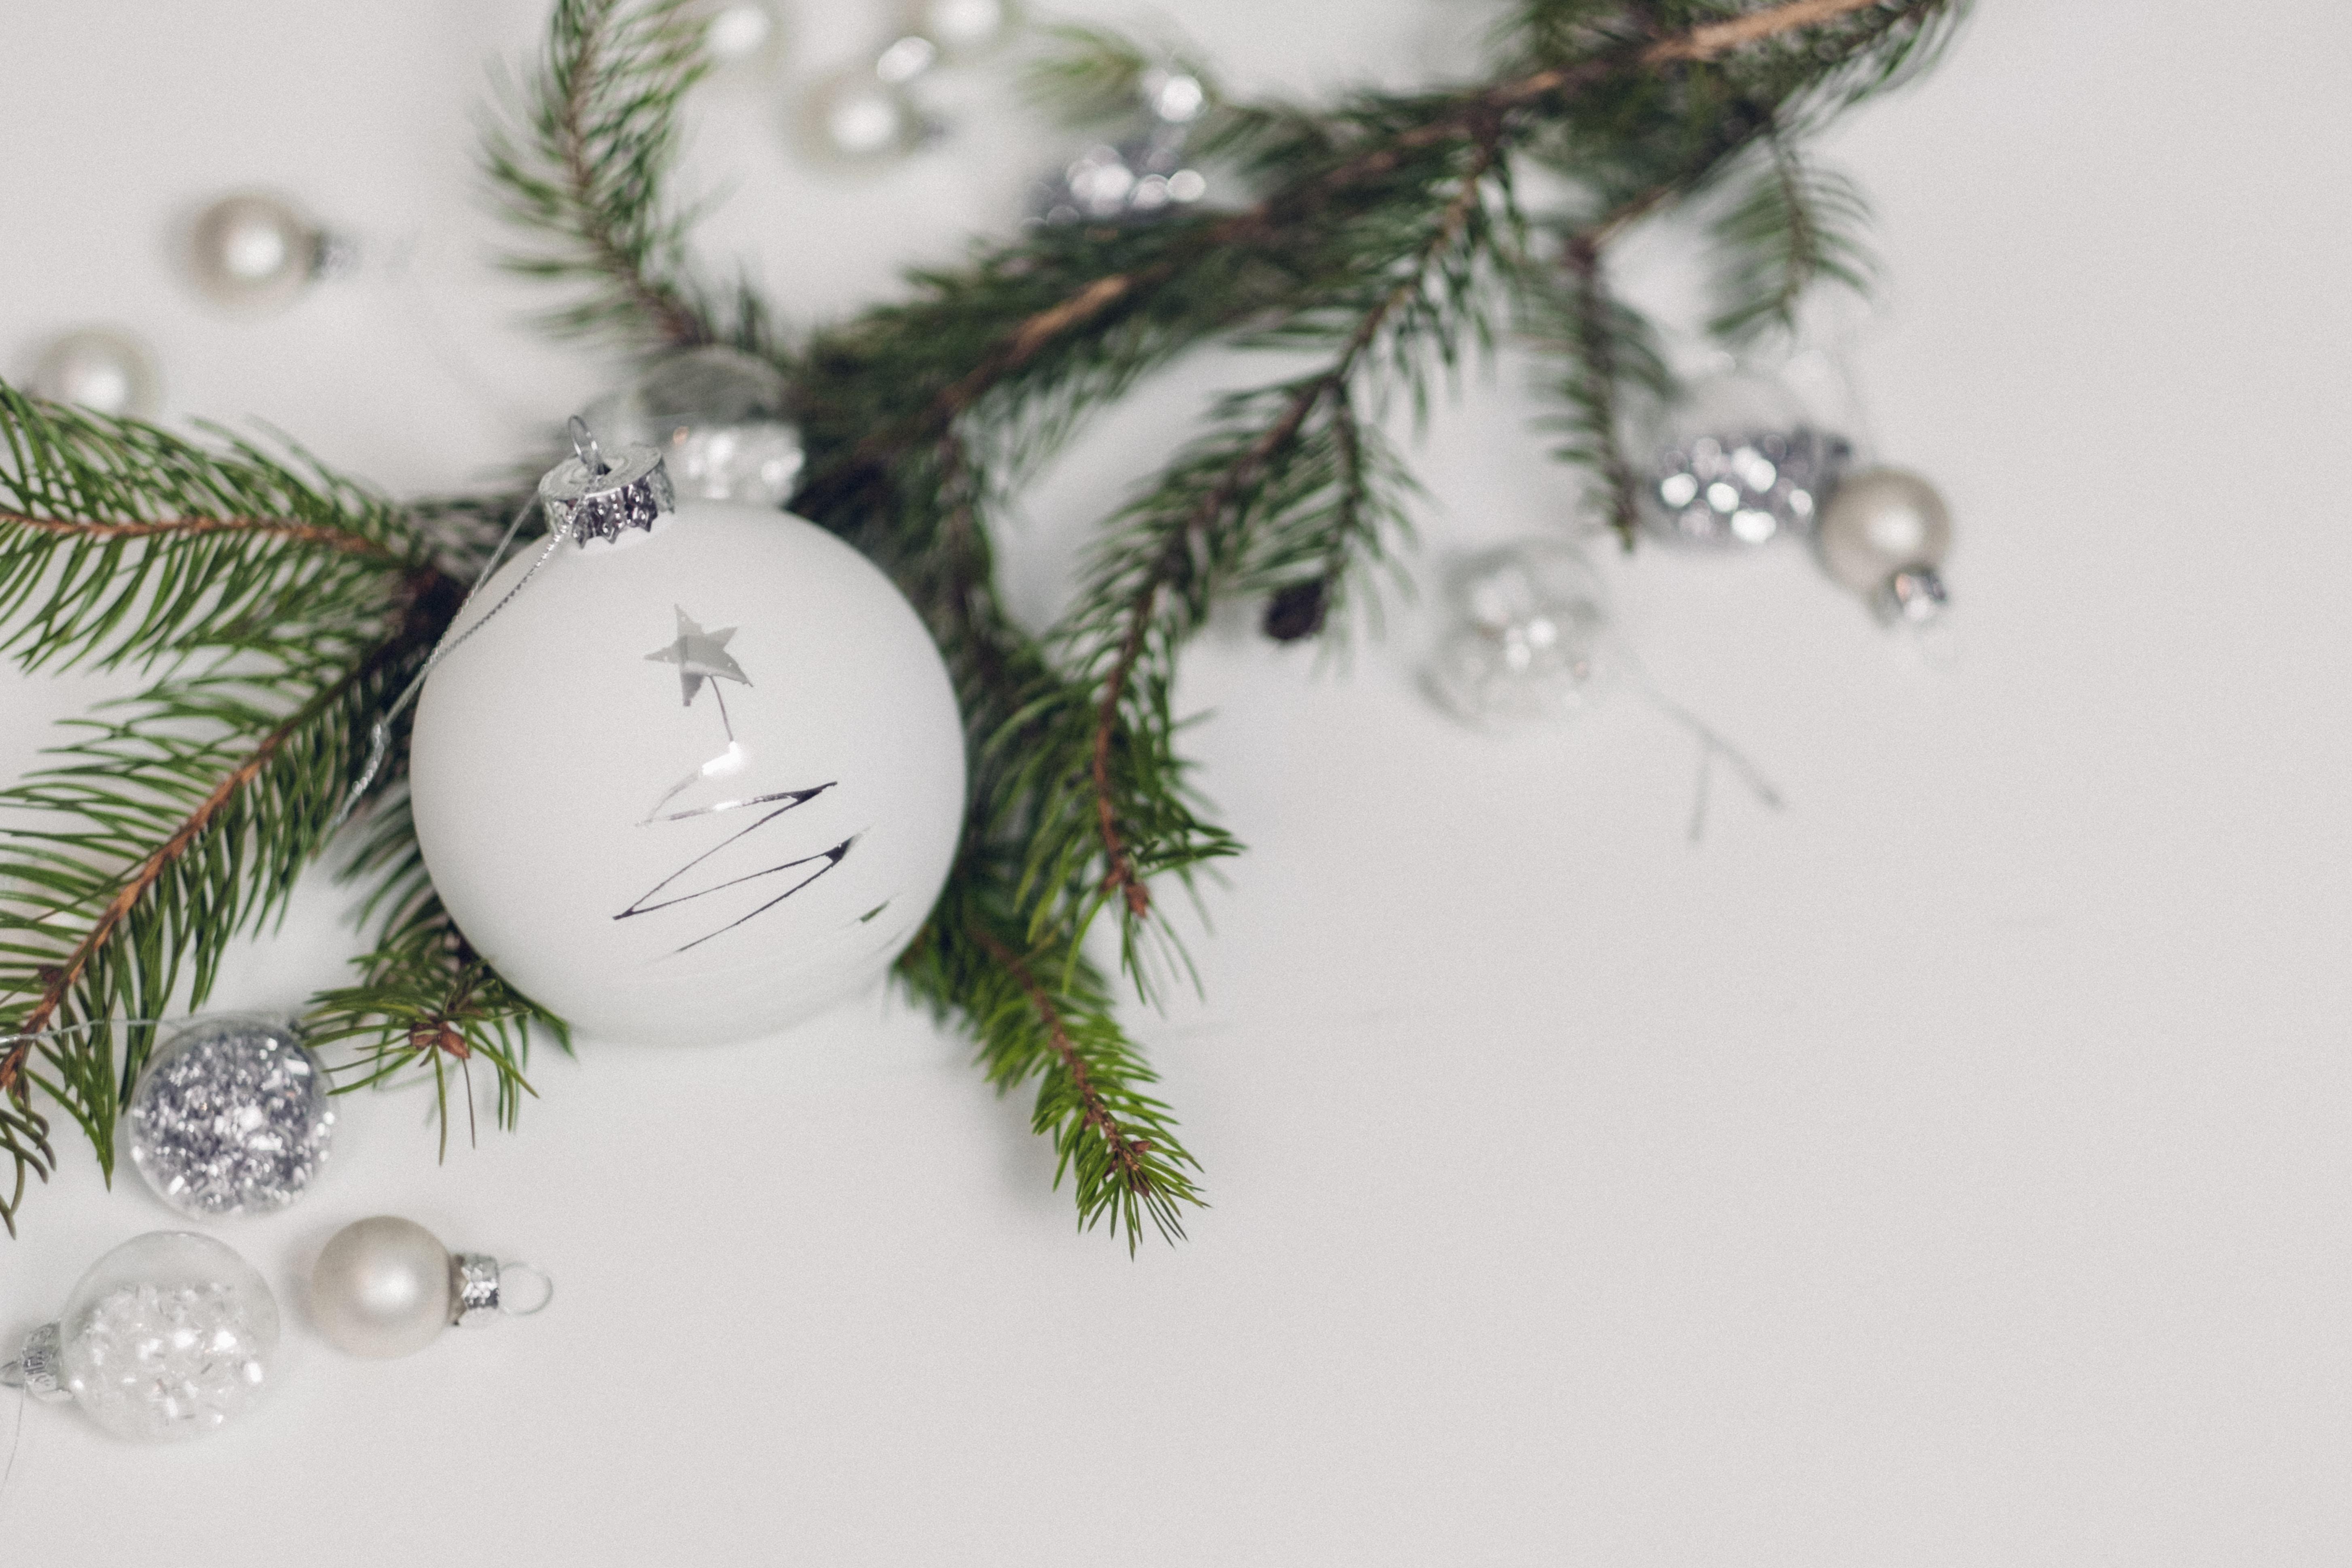 Öt karácsony, öt élethelyzet, egy klisé